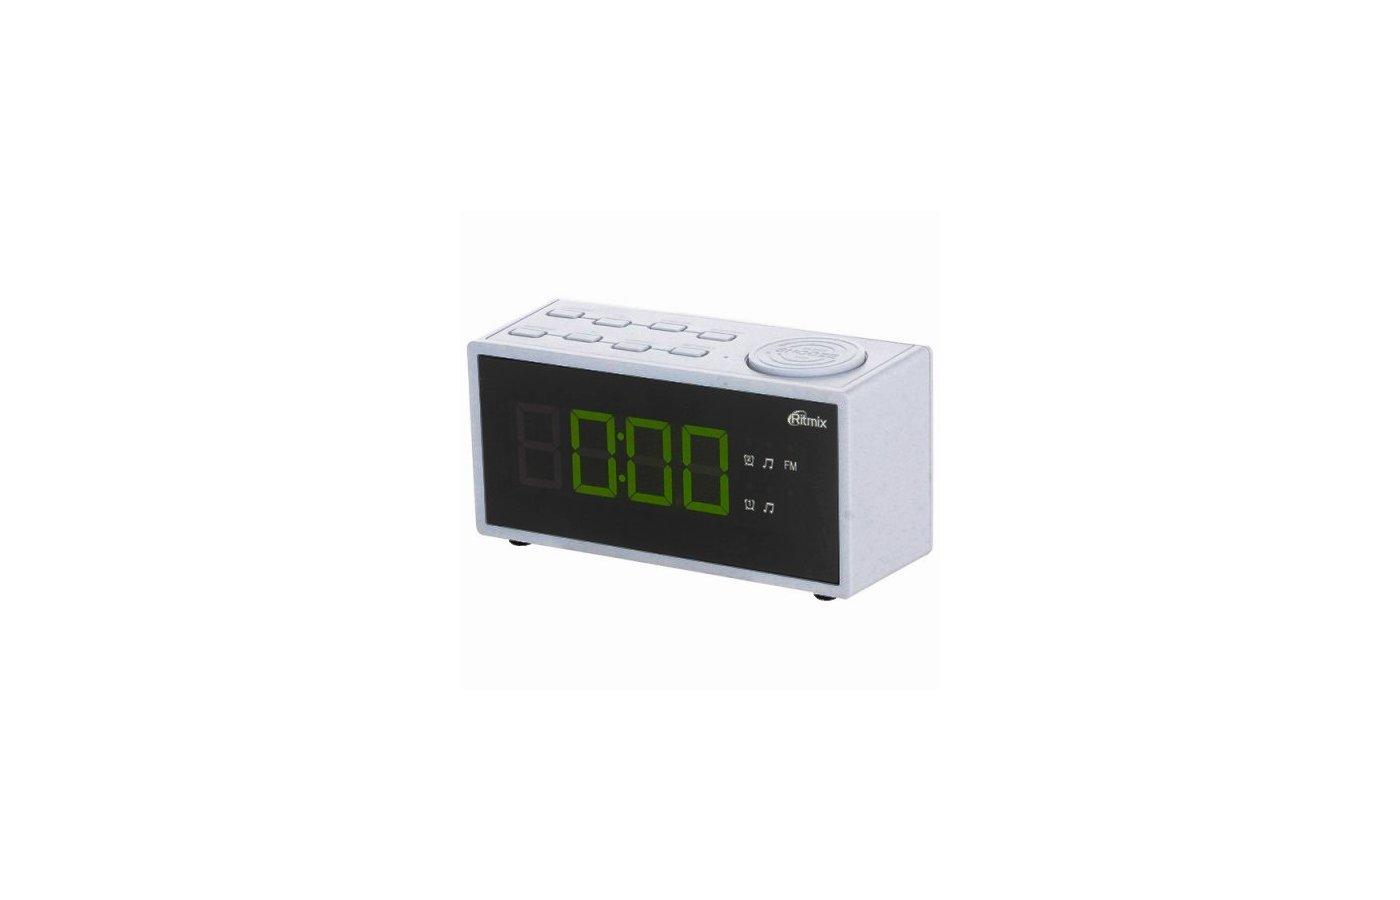 Настольные часы Ritmix RRC-1212 White